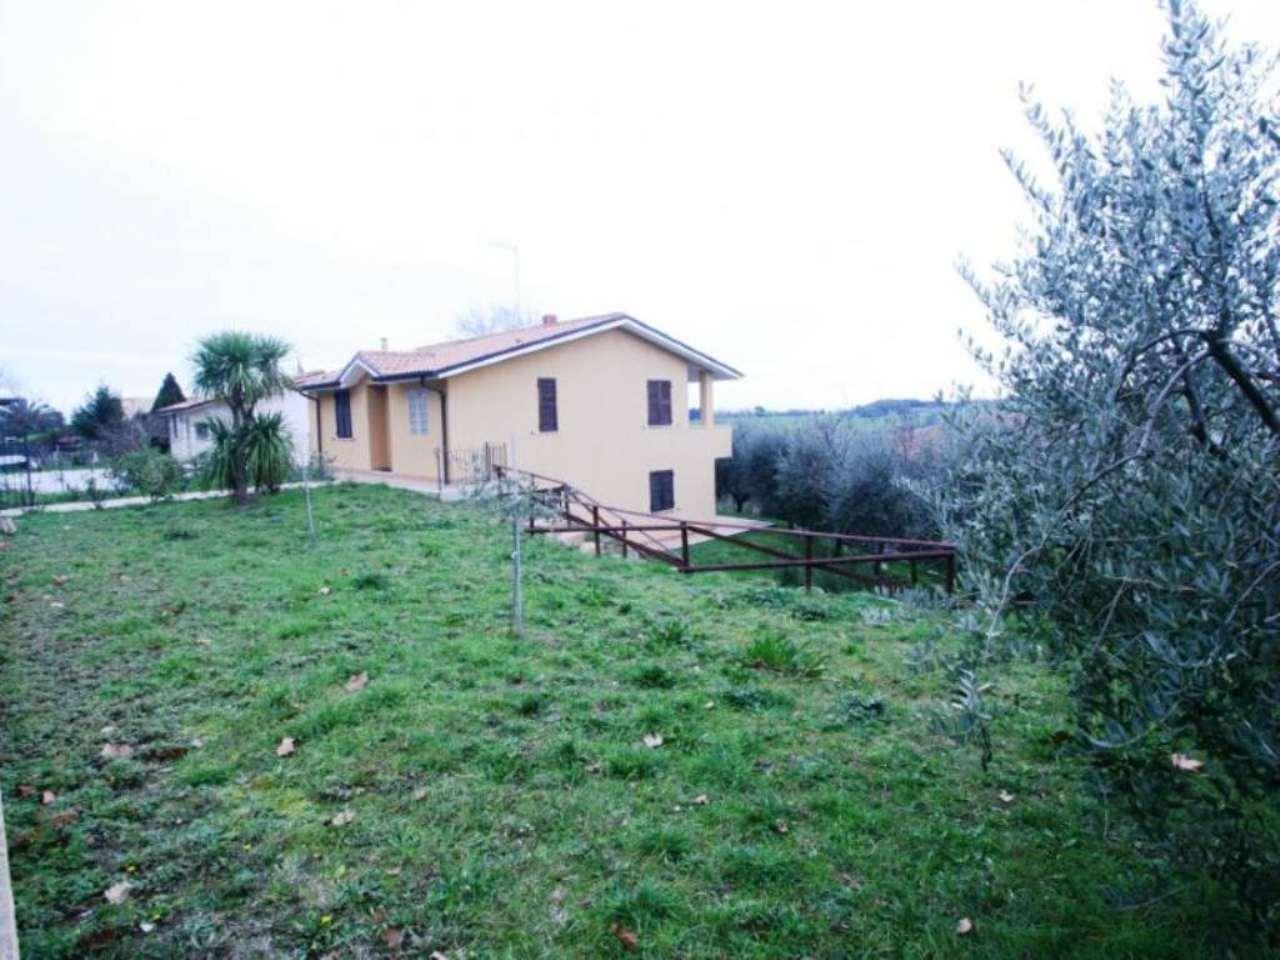 Soluzione Indipendente in vendita a Potenza Picena, 5 locali, prezzo € 265.000 | Cambio Casa.it